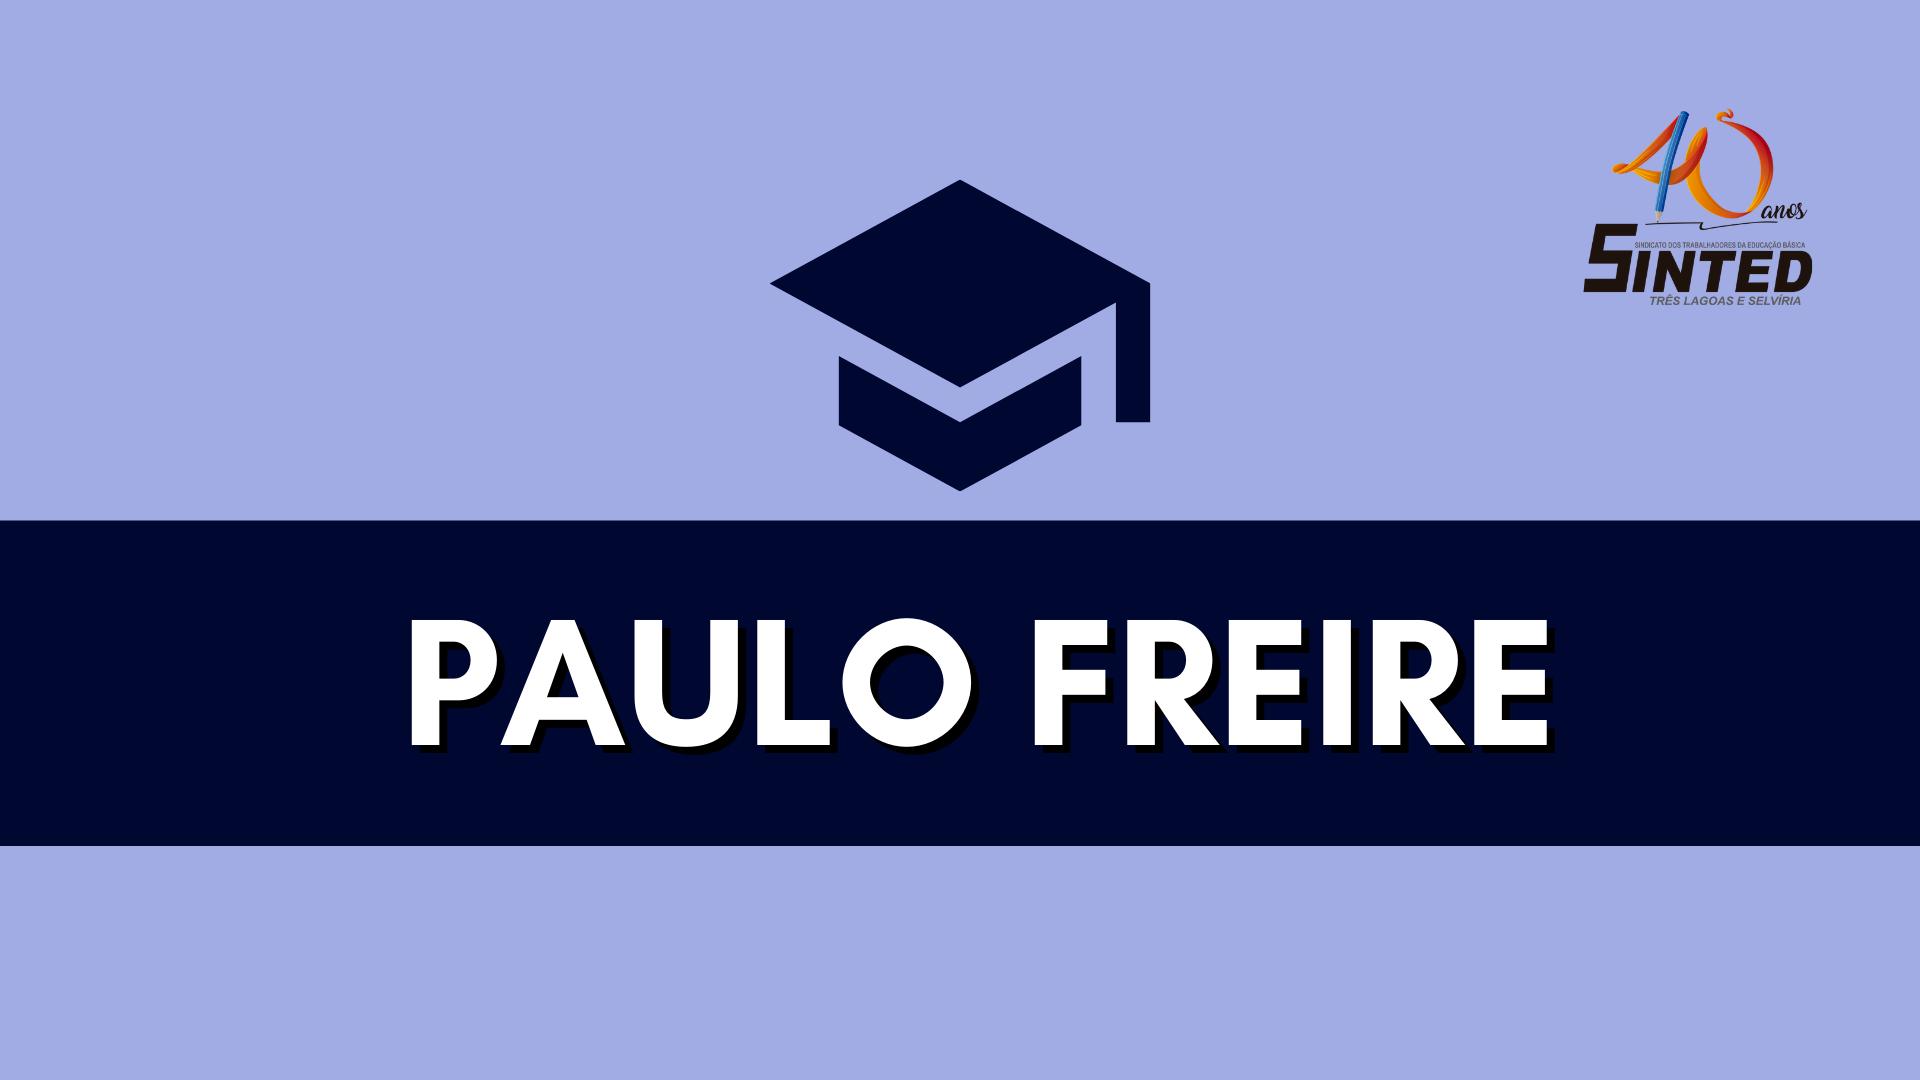 O MÉTODO PAULO FREIRE NÃO FOI IMPLANTADO AQUI 6